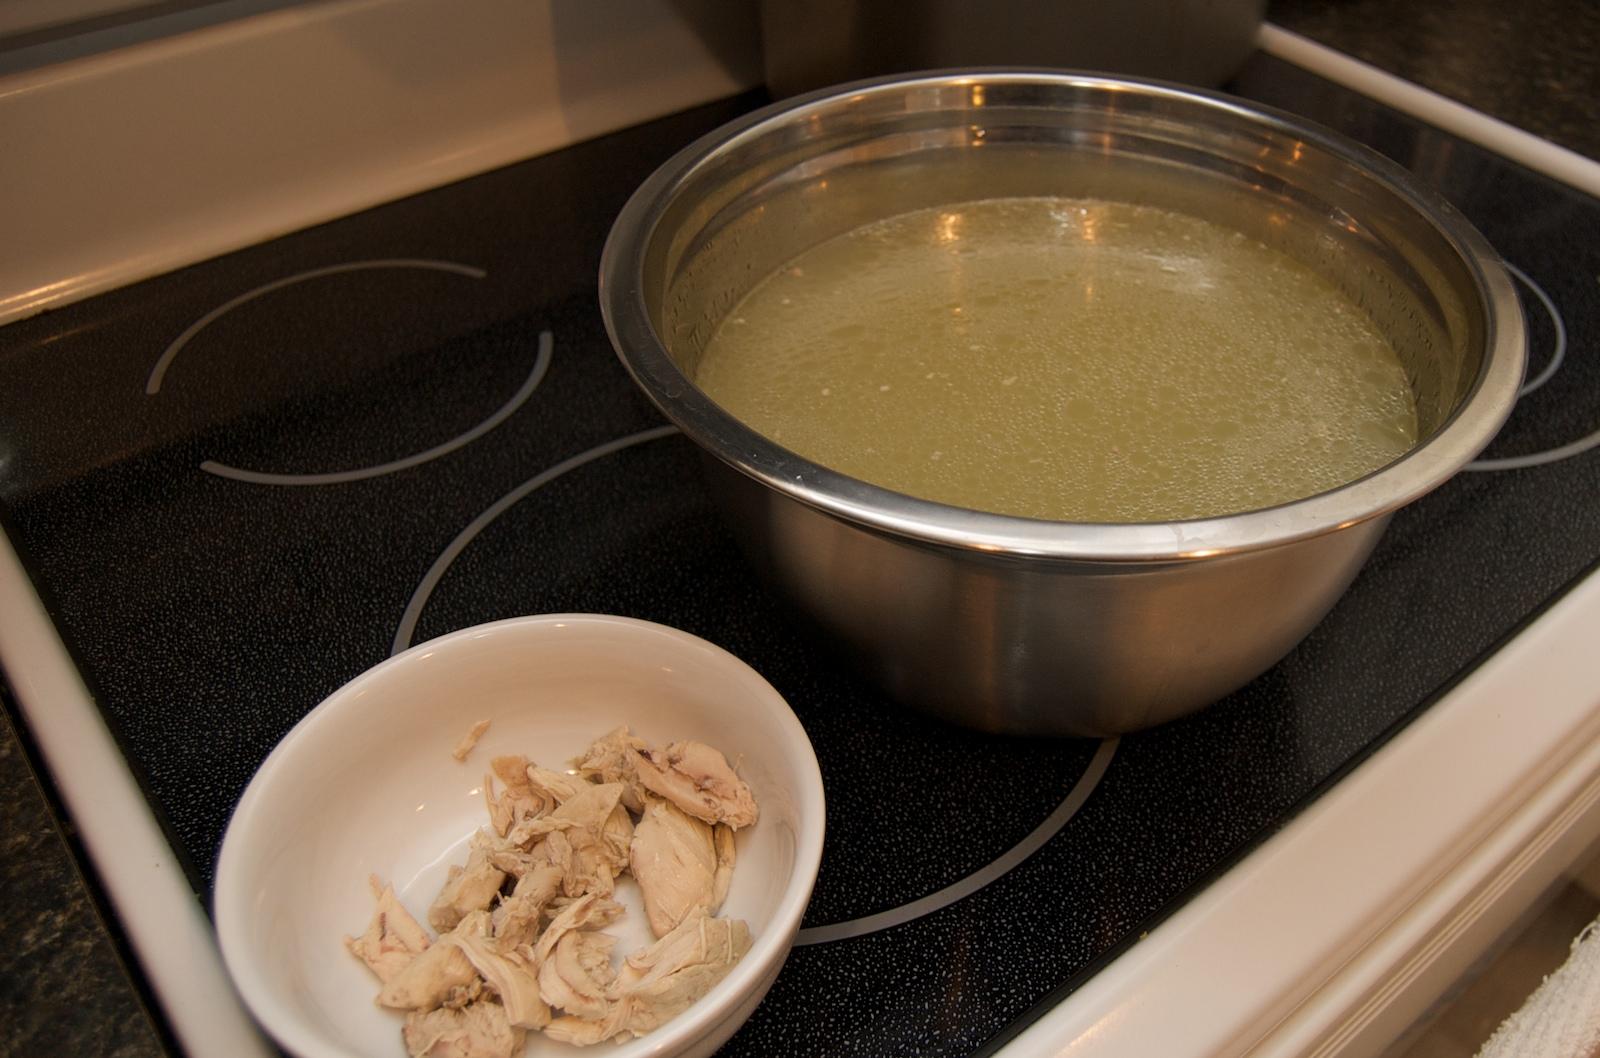 http://blog.rickk.com/food/2010/01/02/DSC_0003.jpg